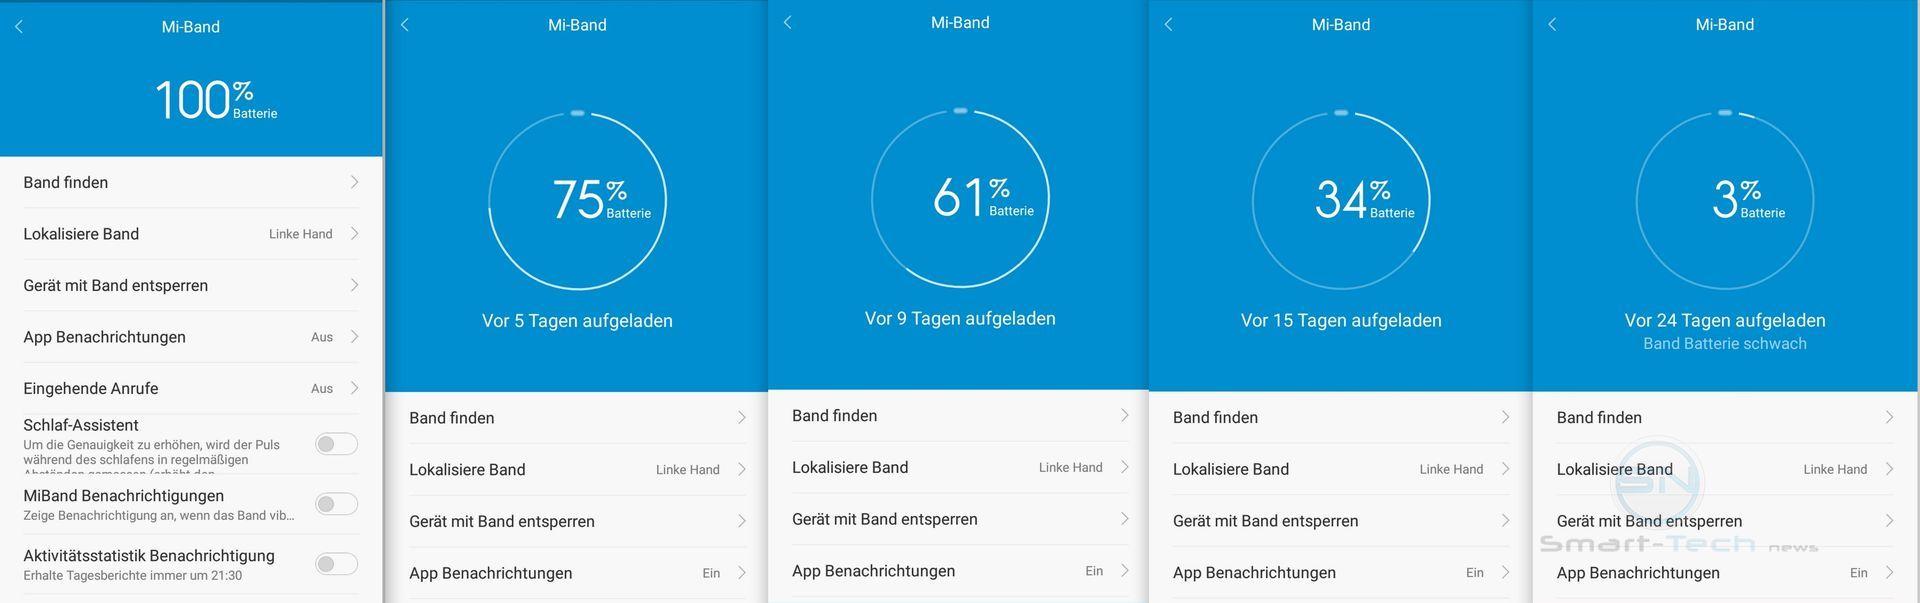 Akku Standby - Xiaomi MiBand 1s - SmartTechNews